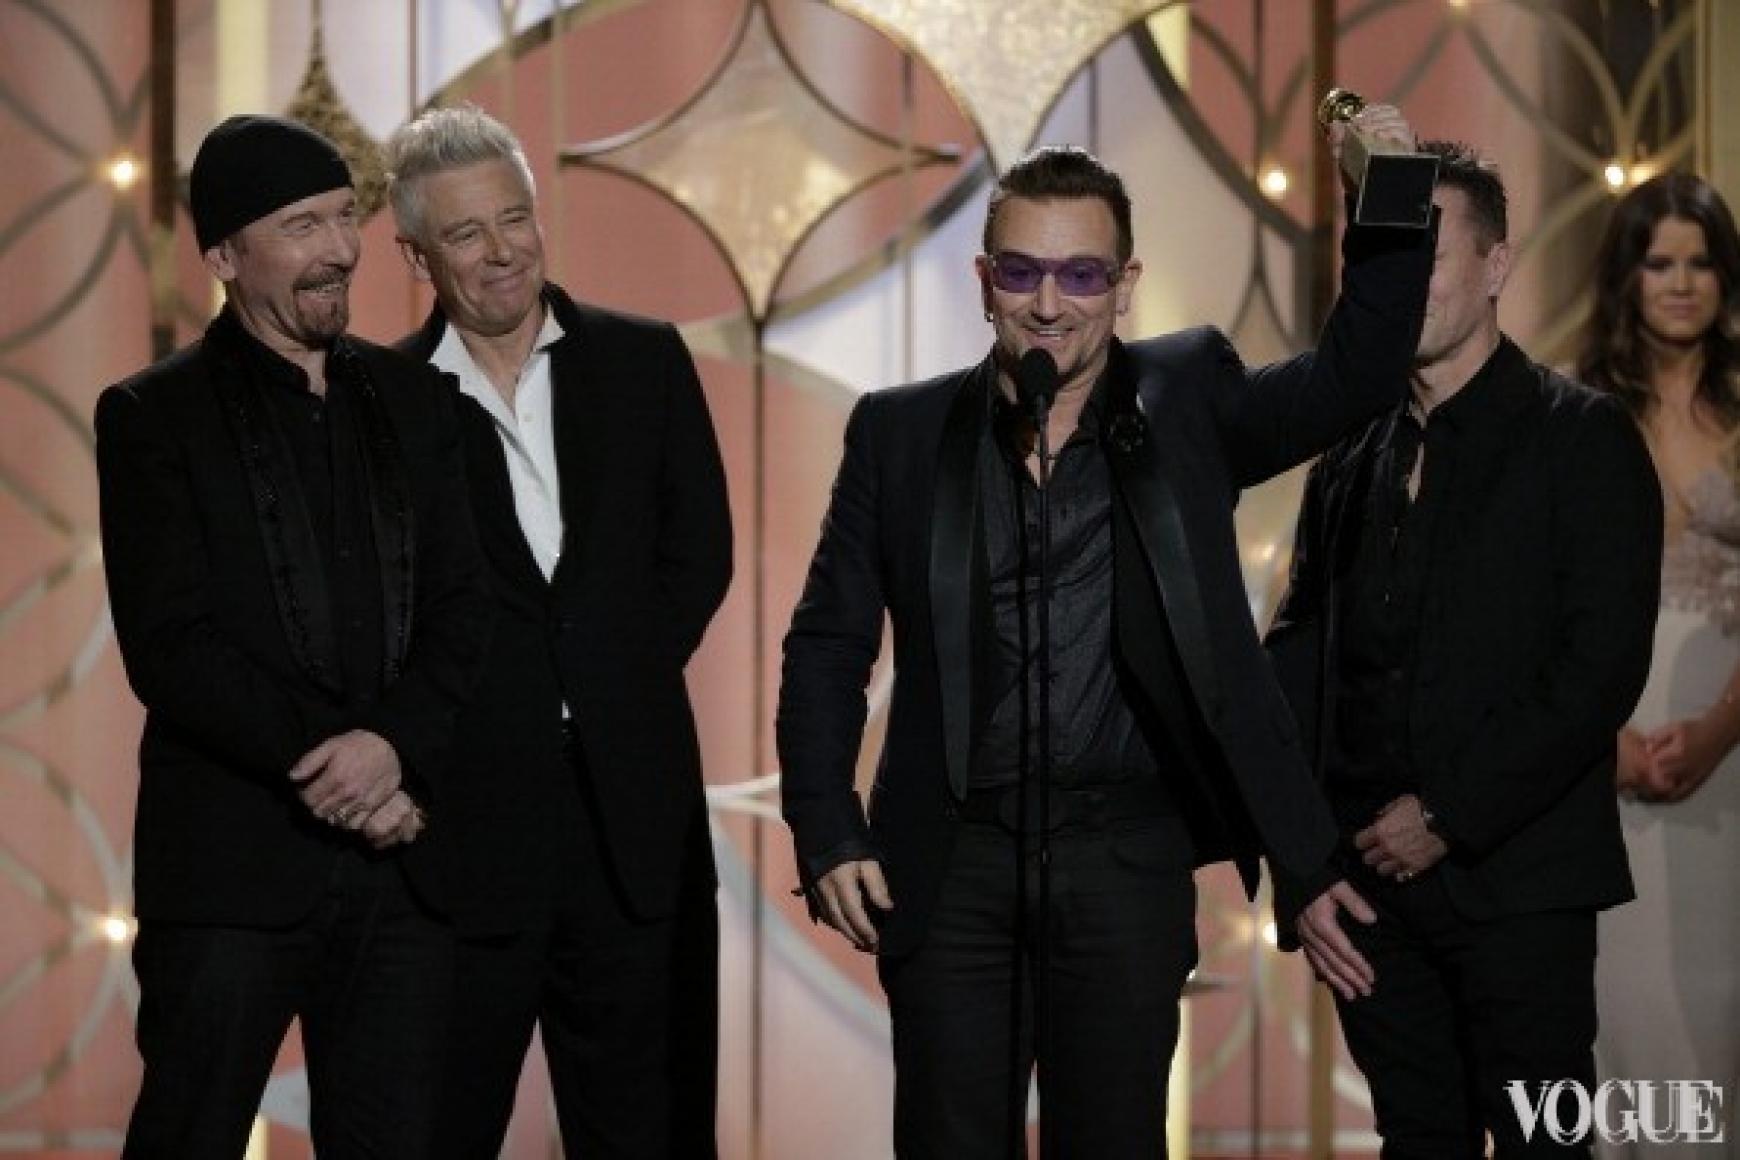 The Edge, Адам Клейтон, Боно и Ларри Клейтон